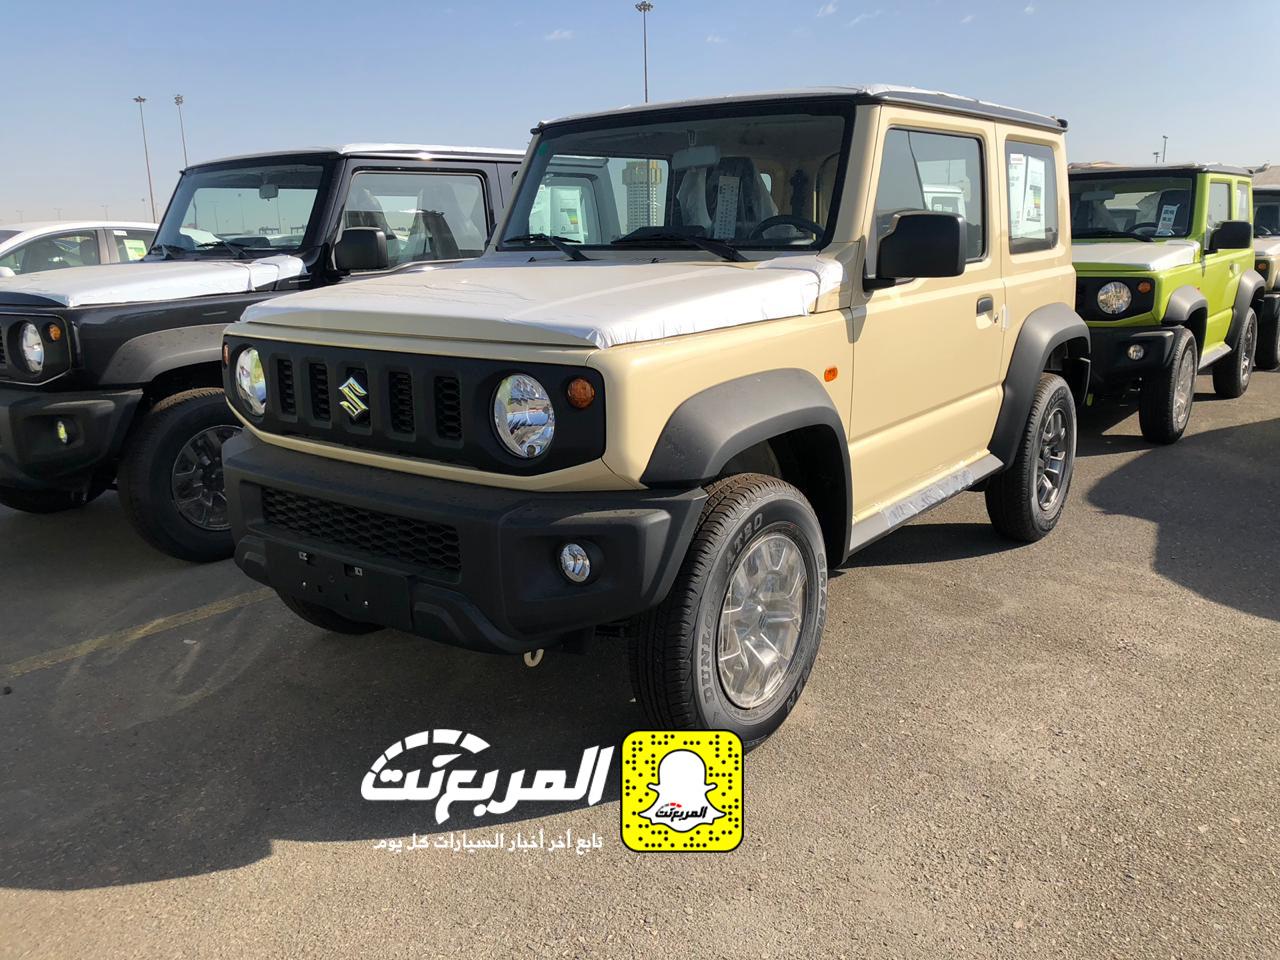 """""""بالصور و الفيديو وصول سوزوكي جيمني 2019 الشكل الجديد الى السعودية + المواصفات Suzuki Jimny"""